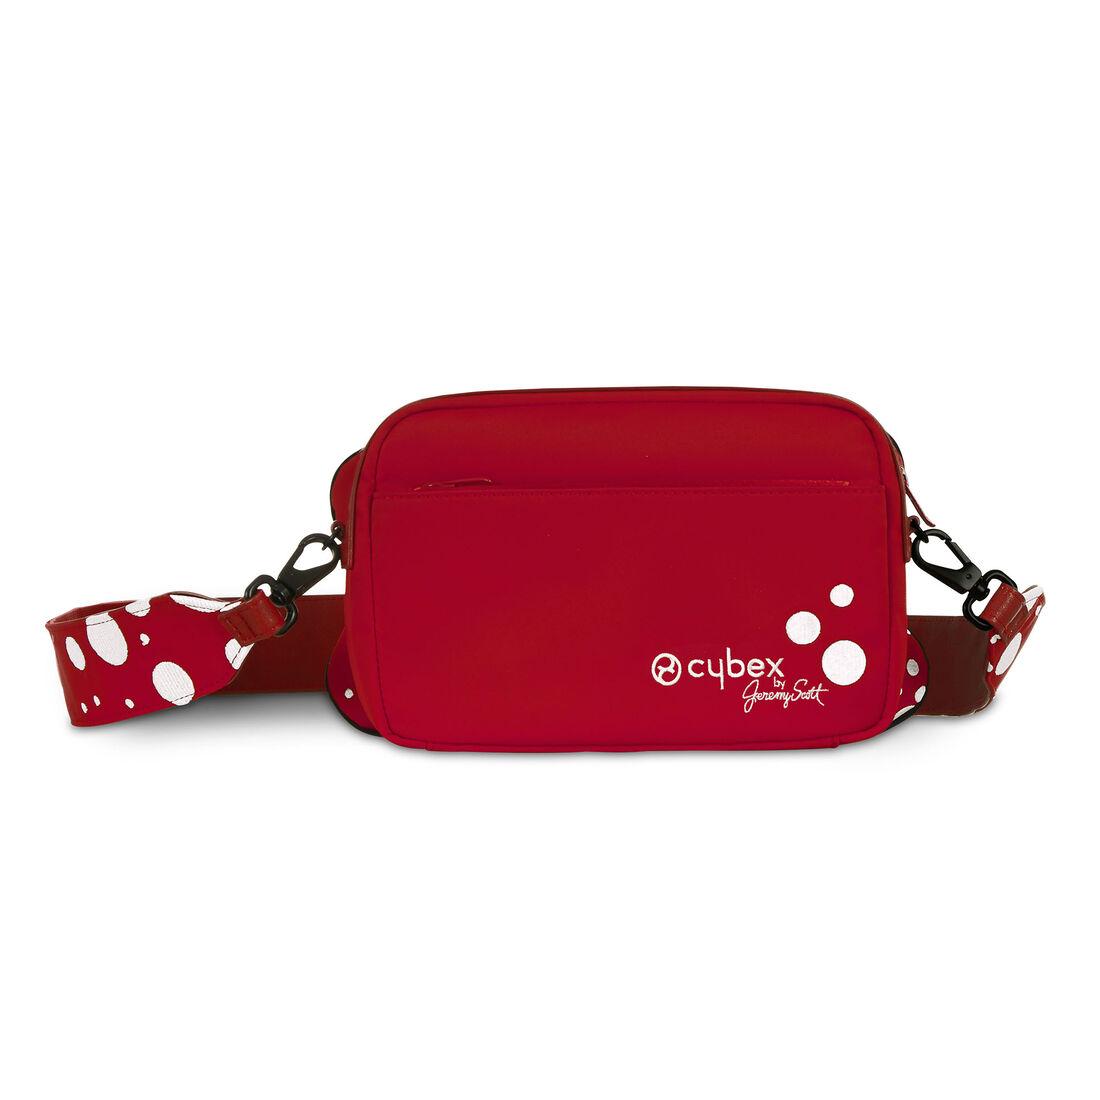 CYBEX Essential Bag - Petticoat Red in Petticoat Red large Bild 2